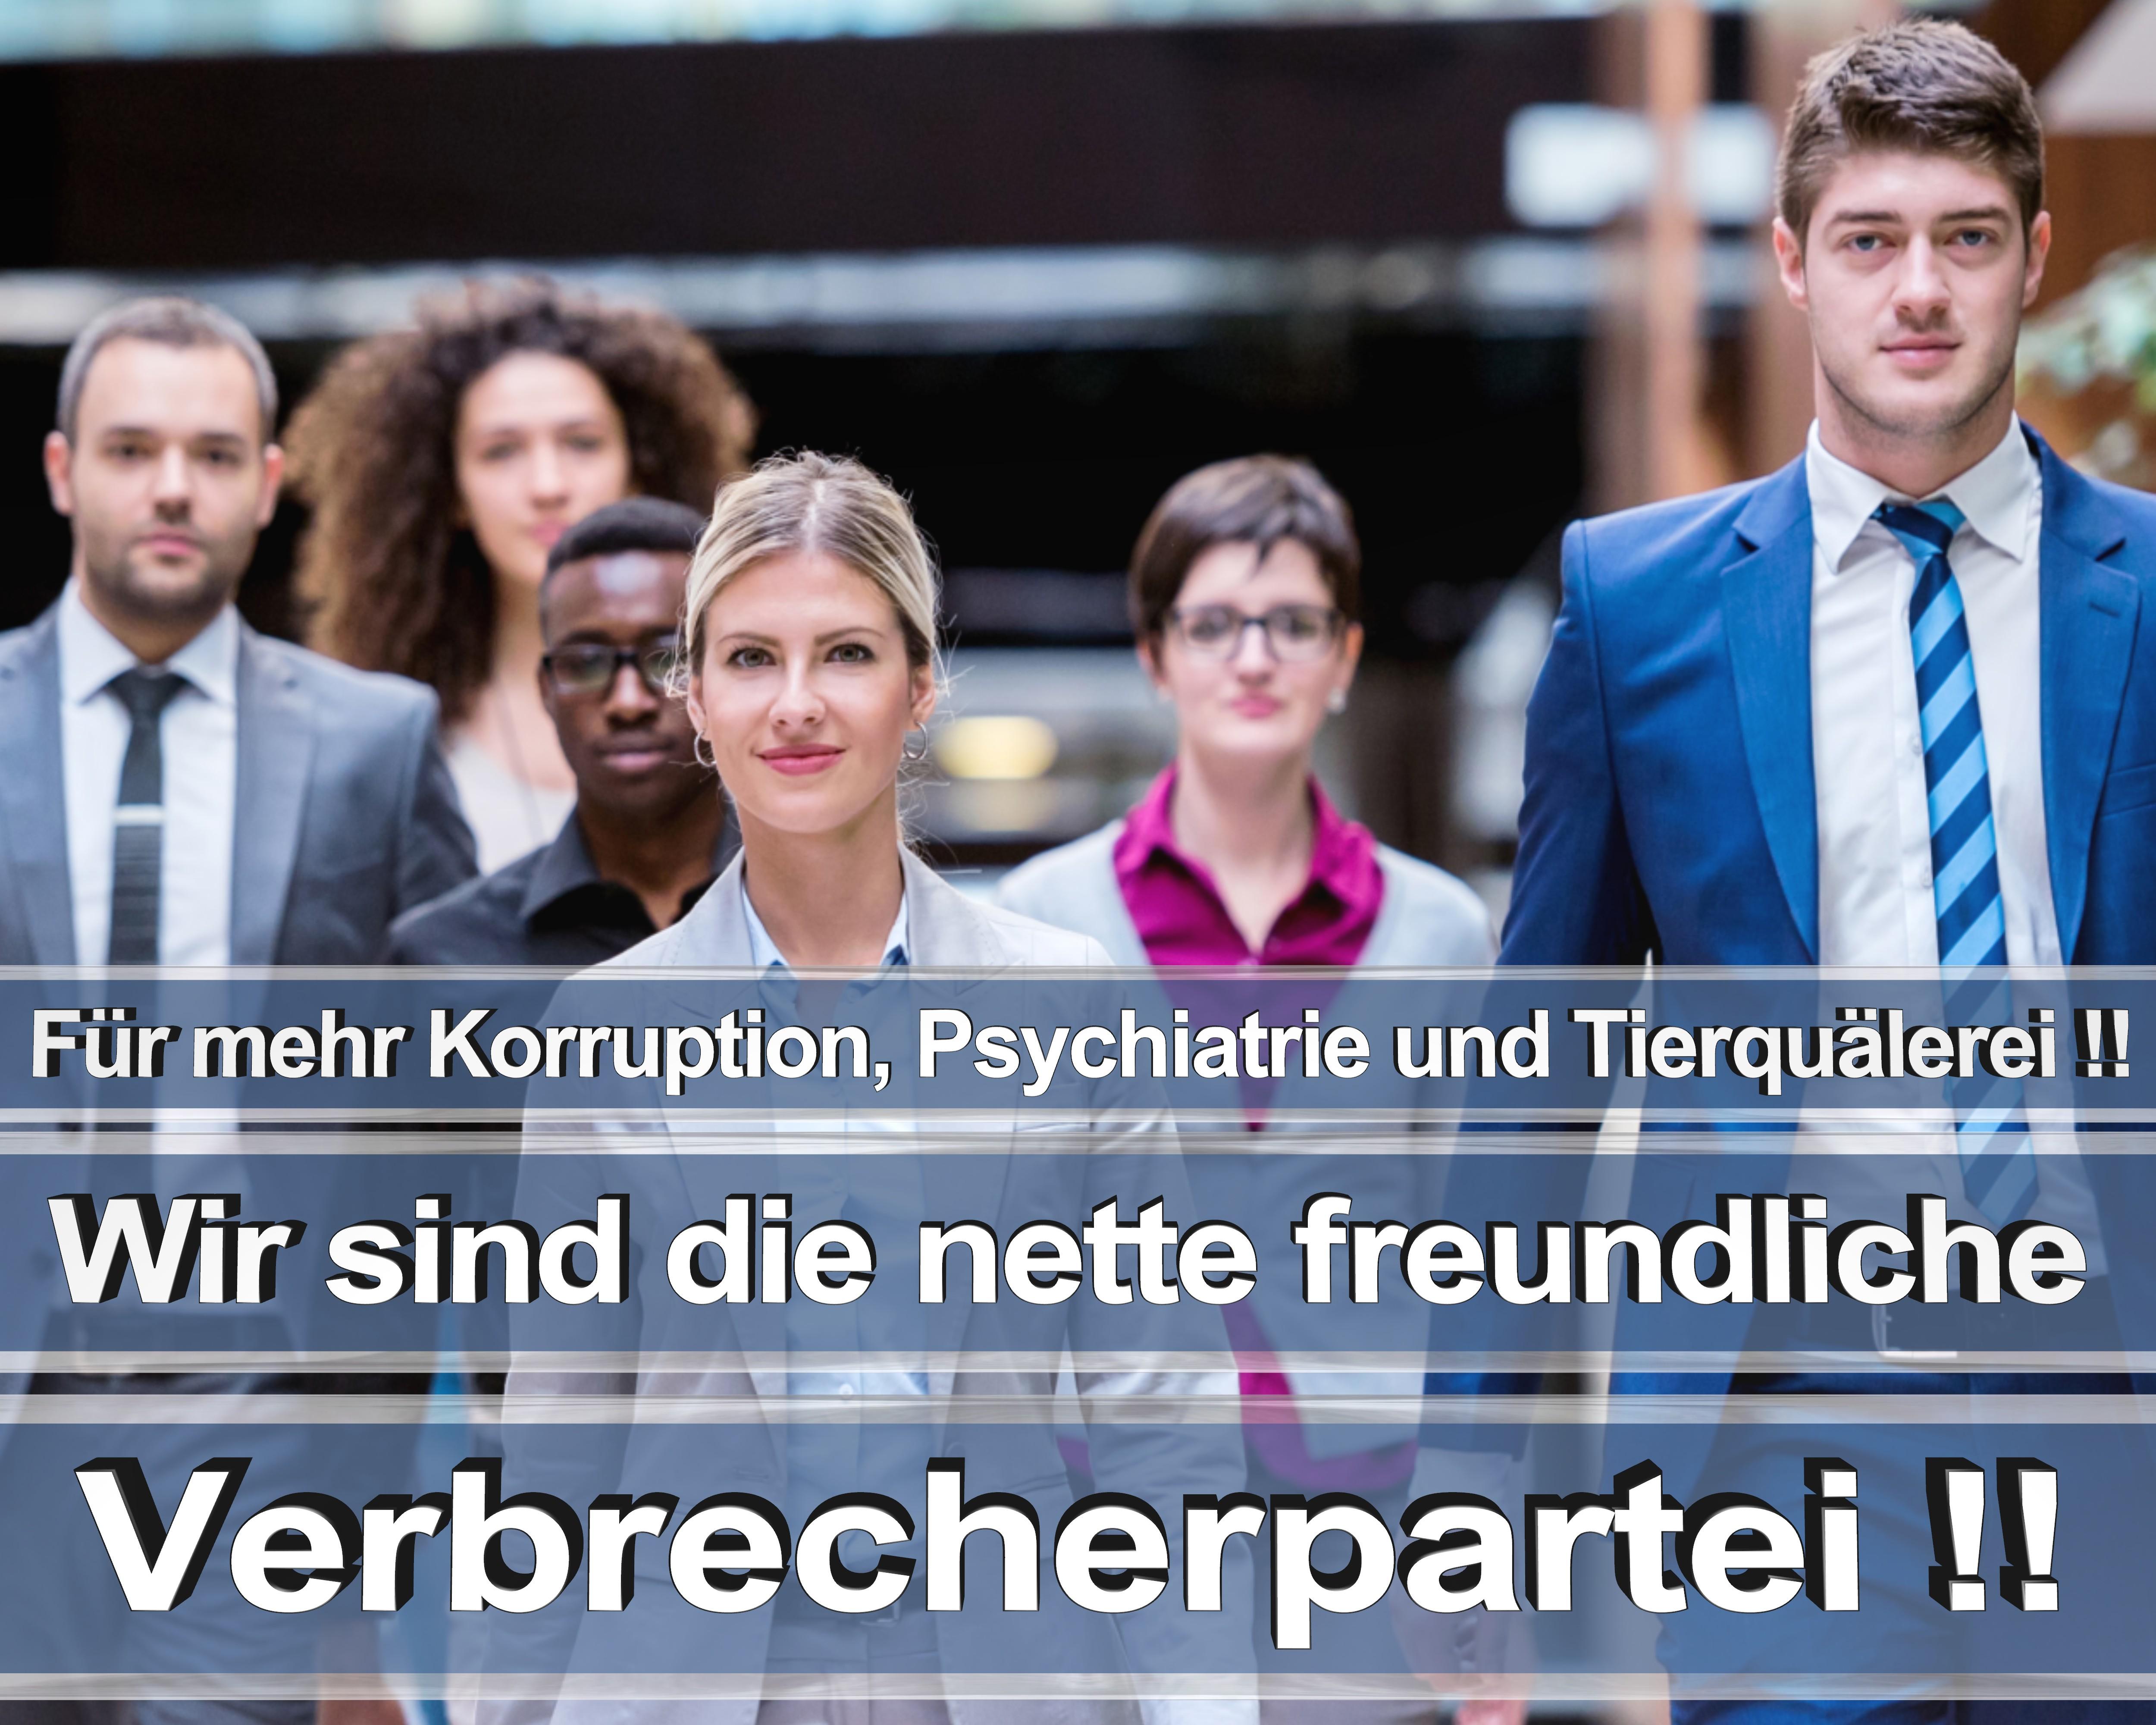 Bundestagswahl 2017 wahlplakate cdu spd angela merkel frauke petry afd rtl zdf ard arte (7)